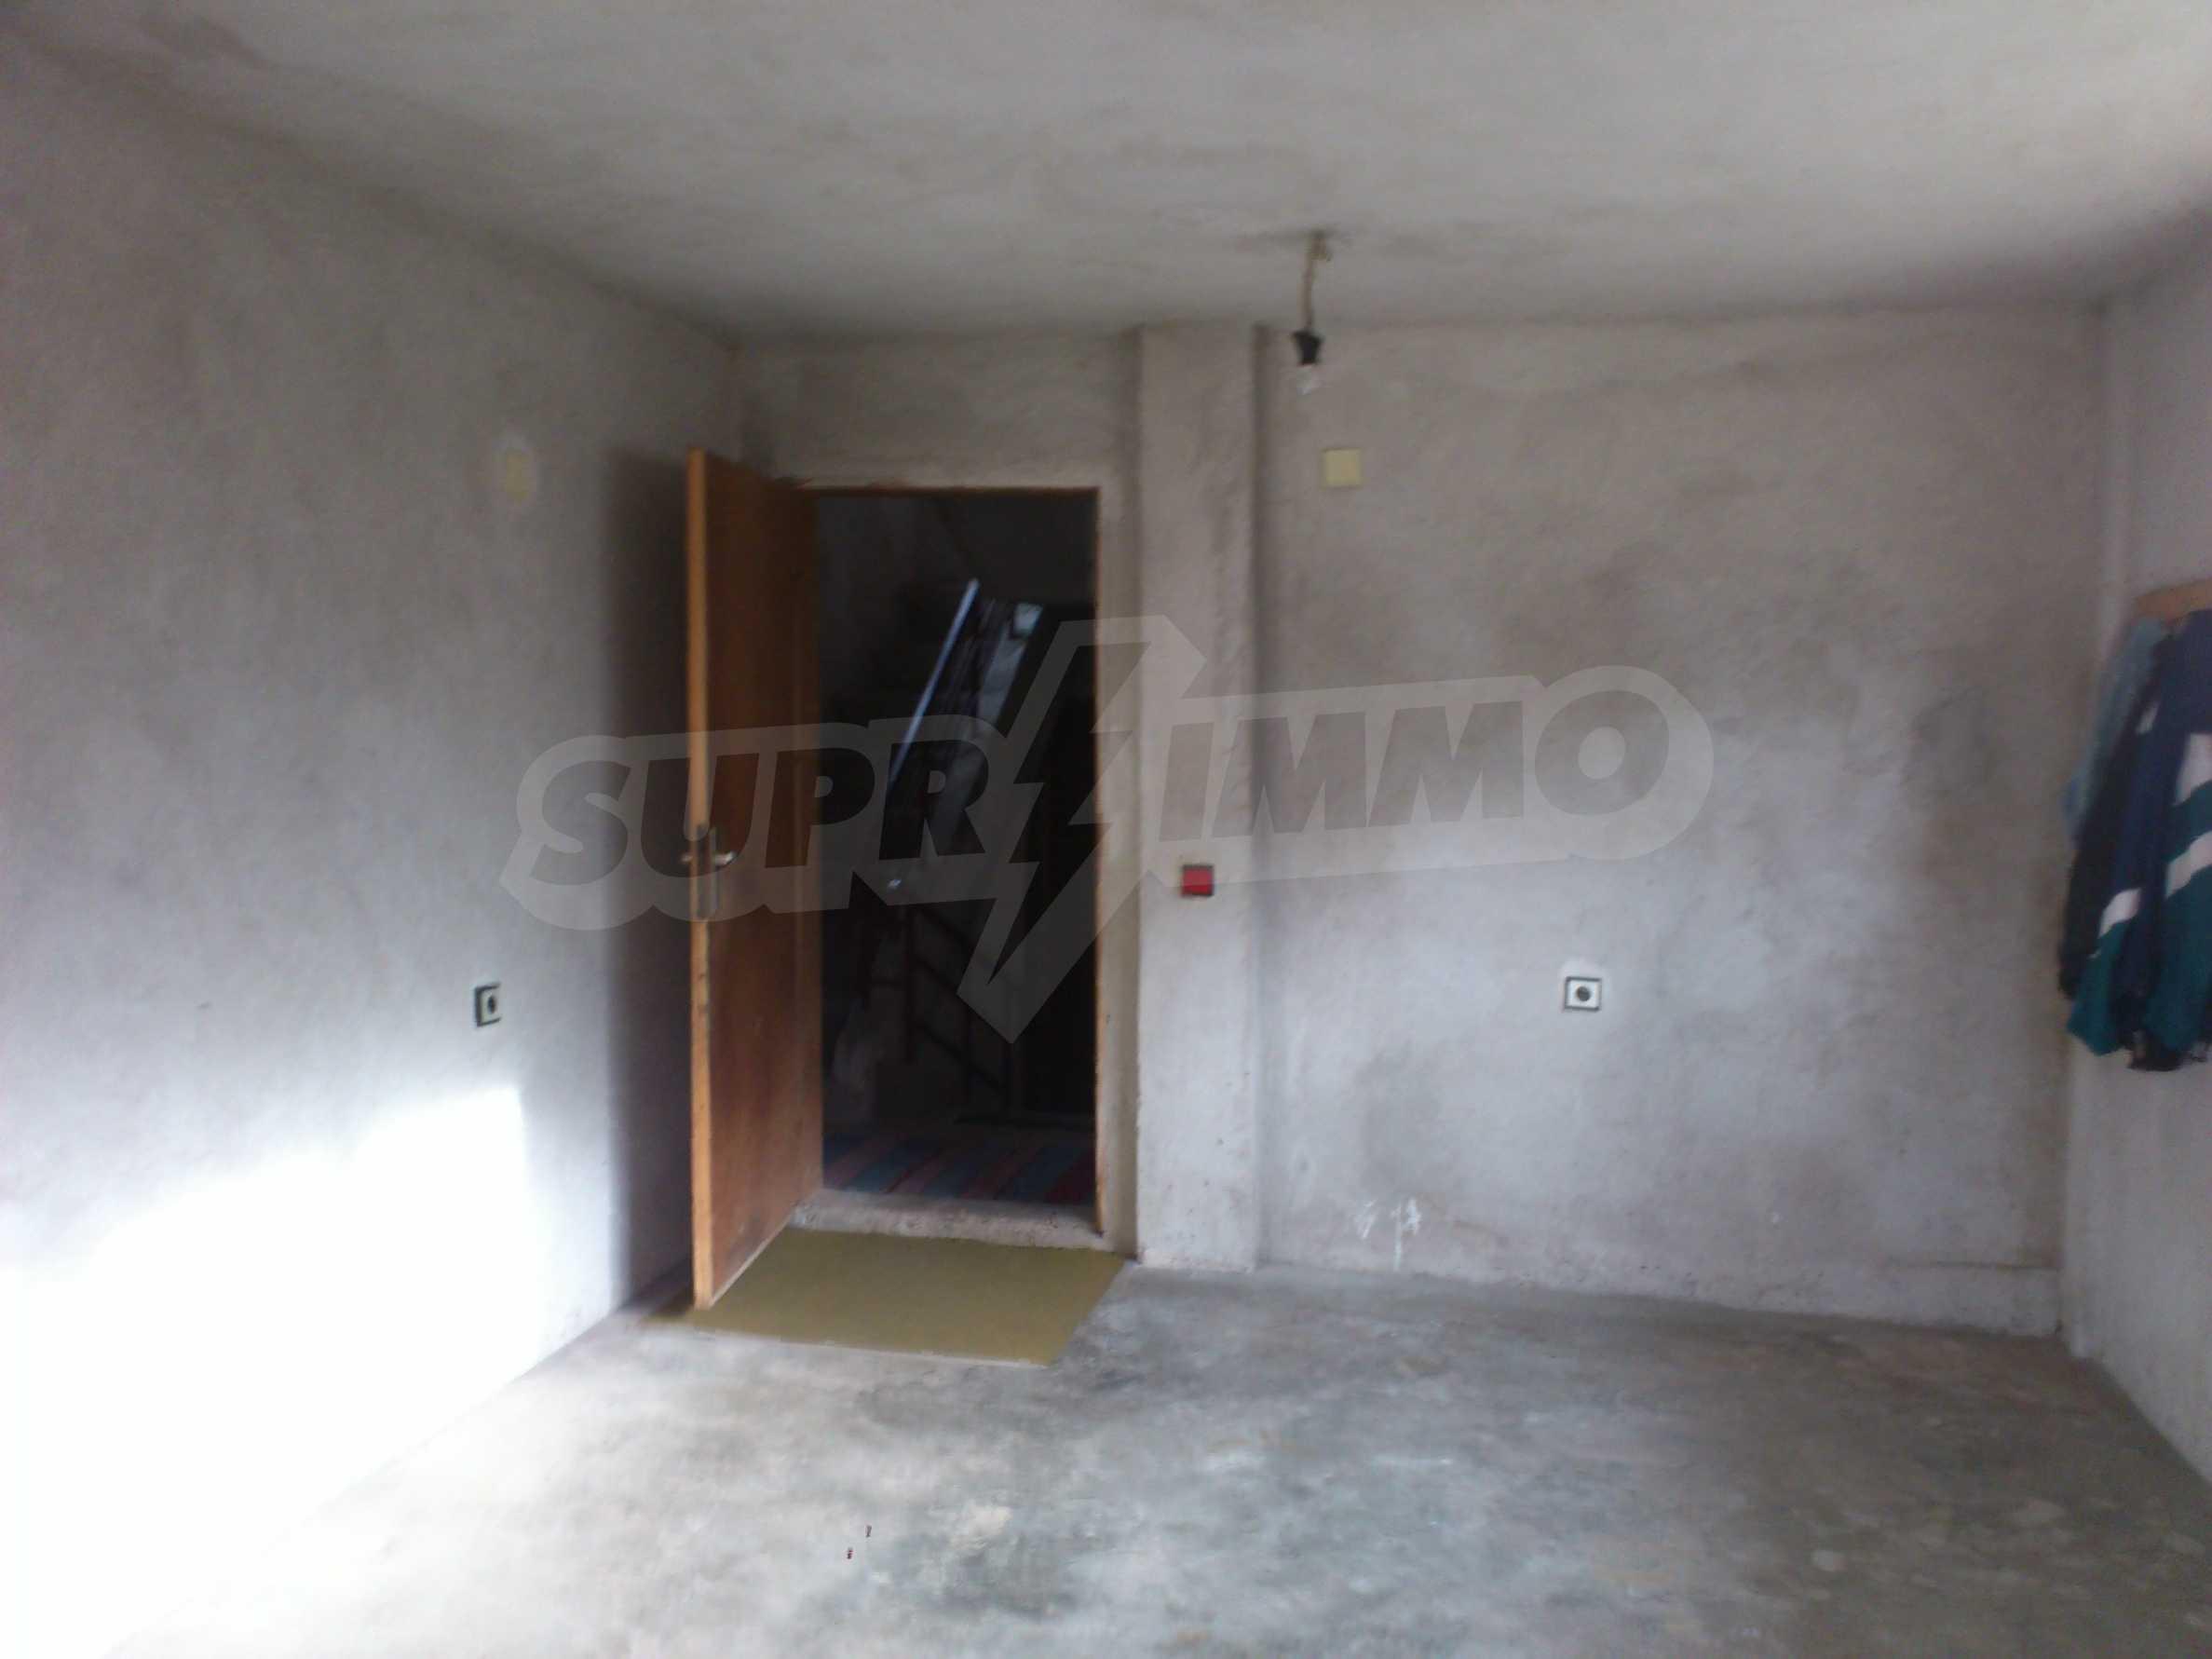 Dreistöckige Villa mit Garage am Flussufer und 32 km von Veliko Tarnovo entfernt 35